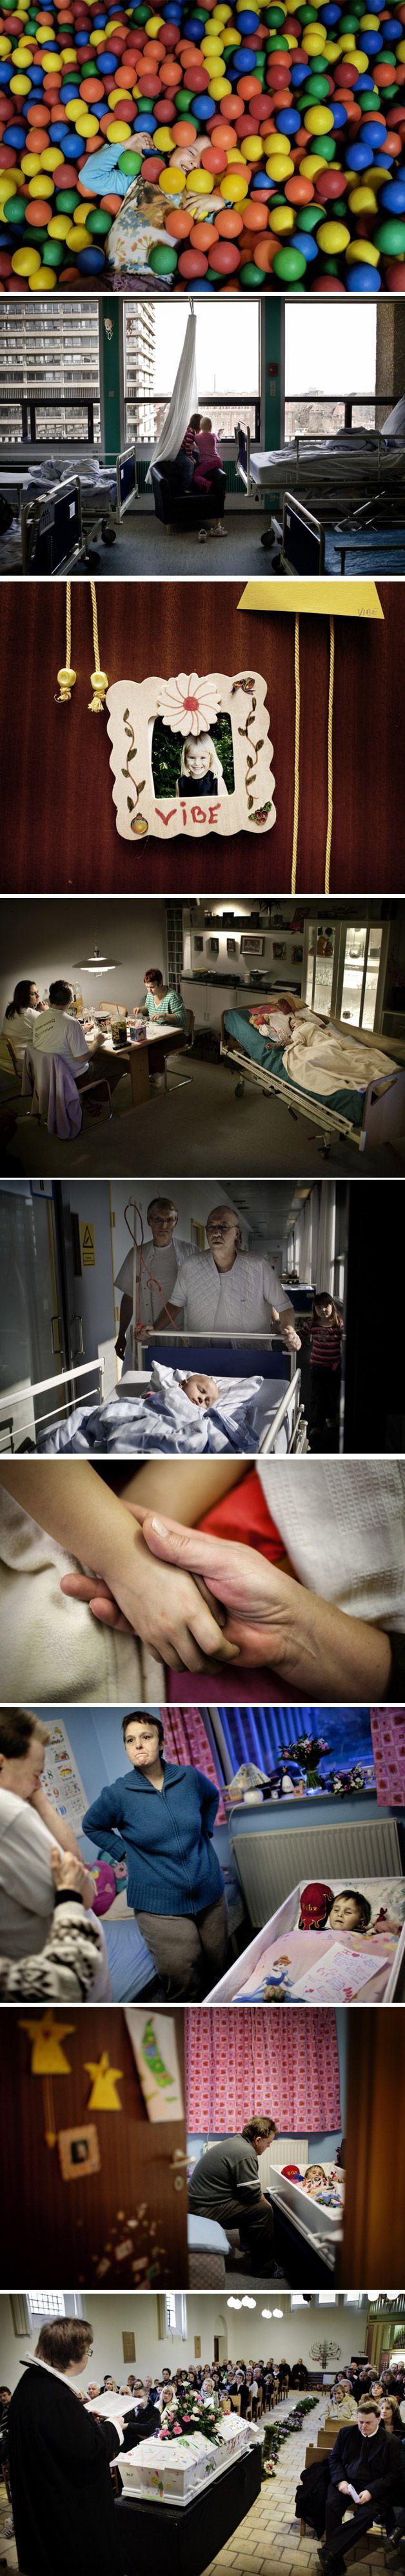 vibe_historia_cancer (1)